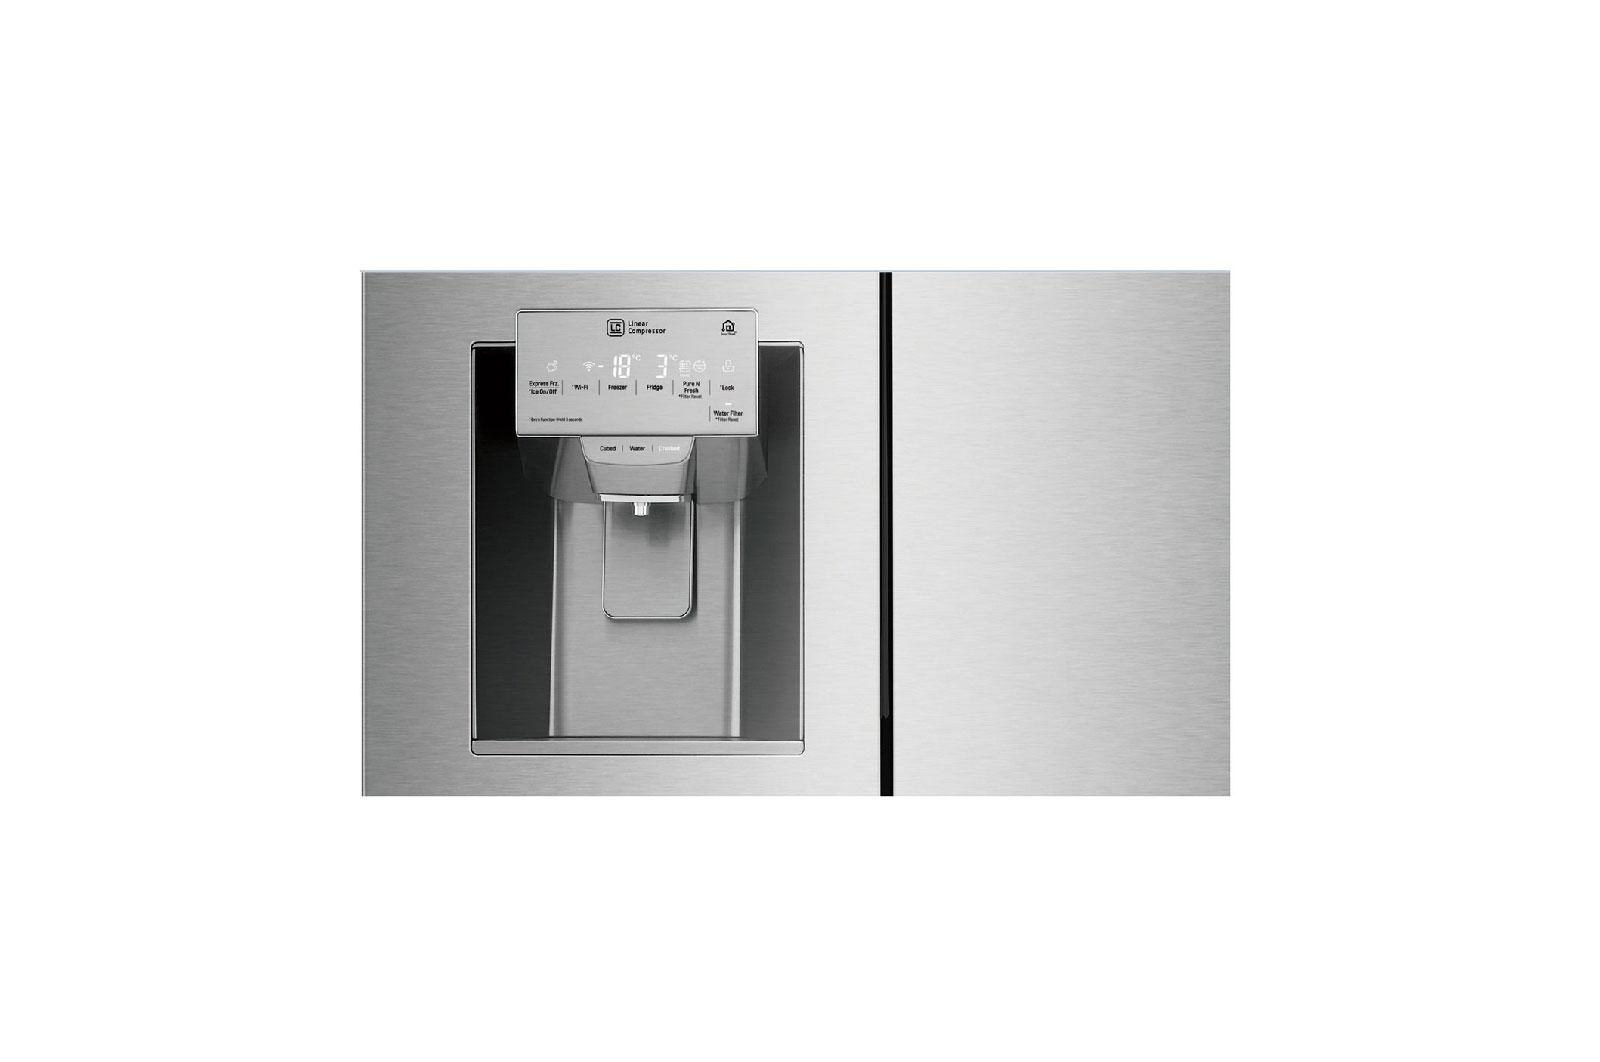 מקרר מקפיא תחתון LG GRJ710XDID 573 ליטר - תמונה 3